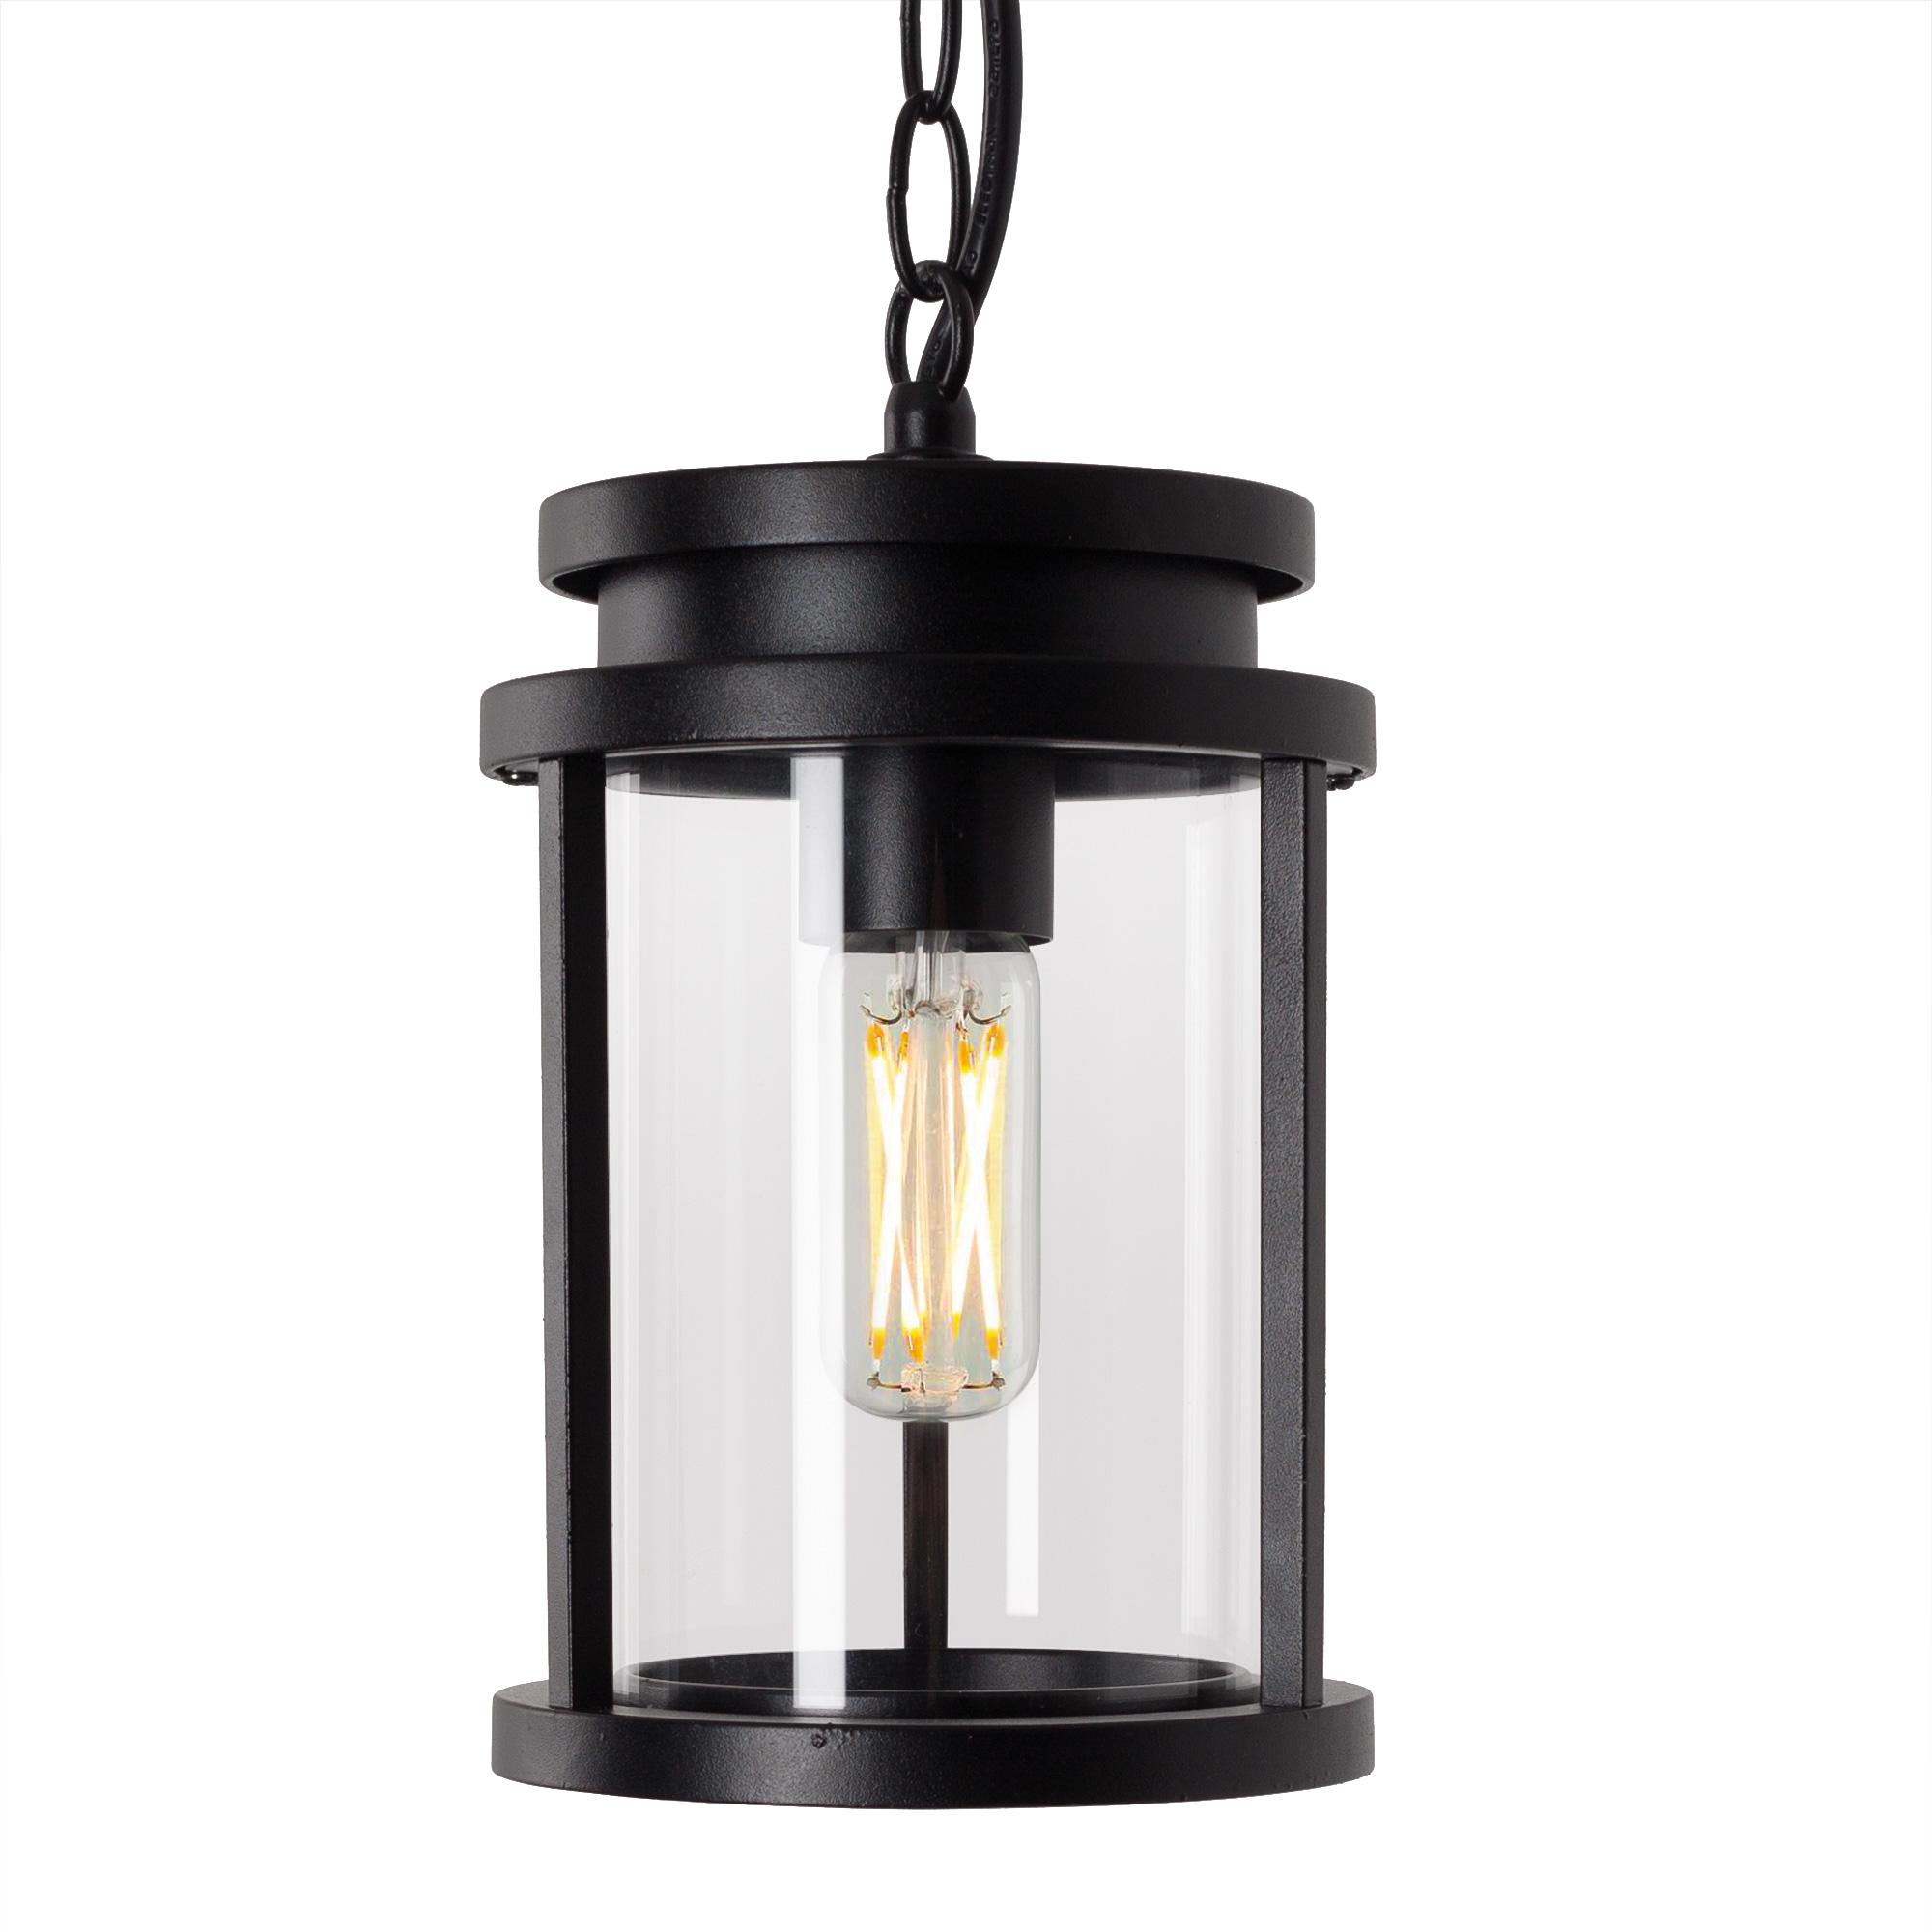 Buiten Hanglamp Zwart Sydney Aan Ketting